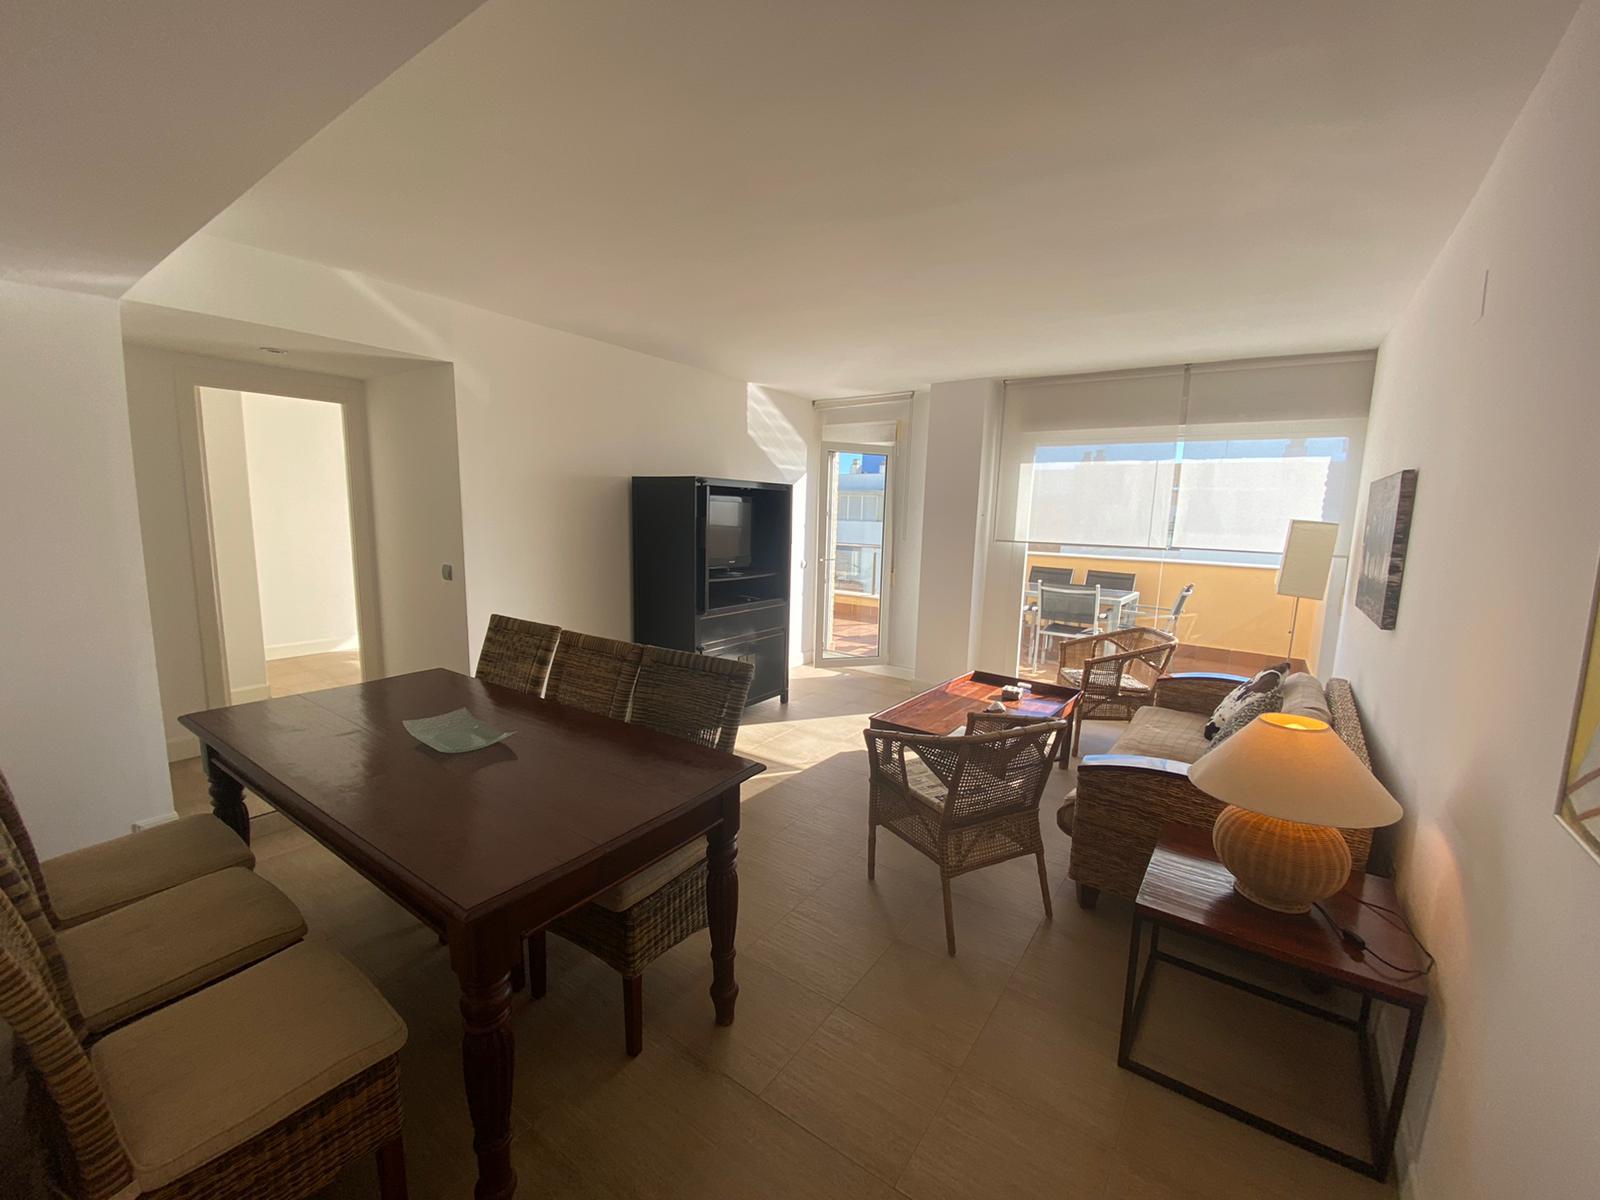 Imagen 2 del Apartamento Turístico, Ático 1 Levante (3d+2b), Punta del Moral (HUELVA), Paseo de la Cruz nº22